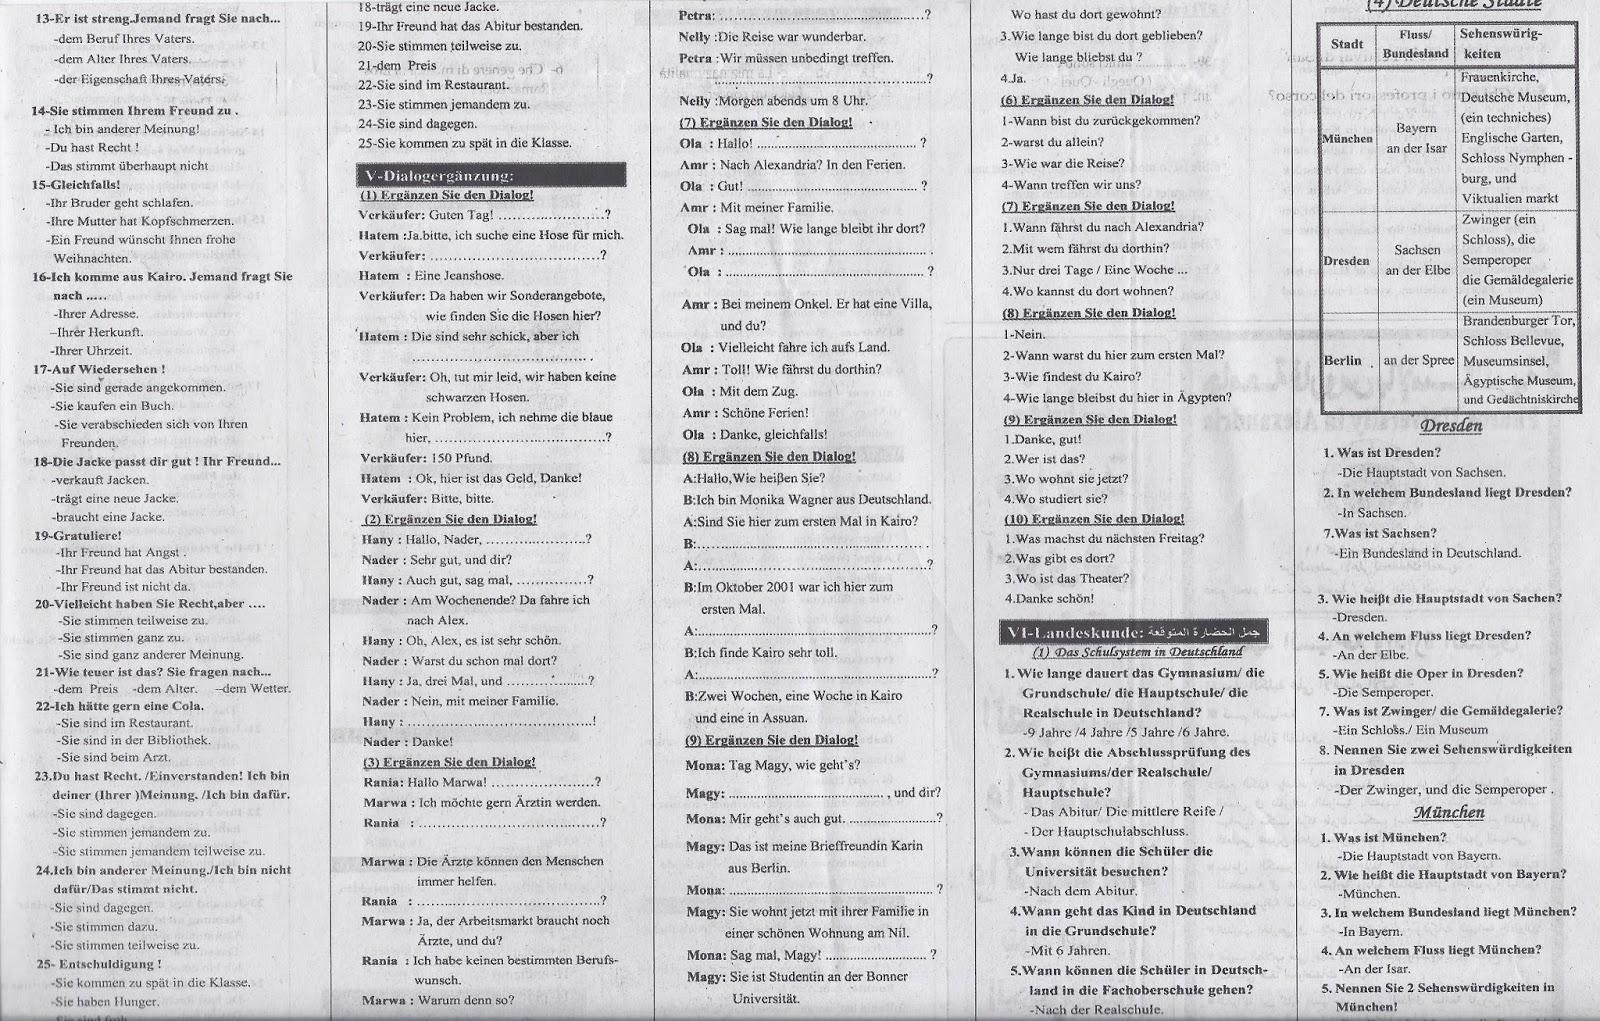 هذة توقعات ملحق الجمهورية 14/6/2015 لامتحان اللغة الألمانية للثانوية العامة  04